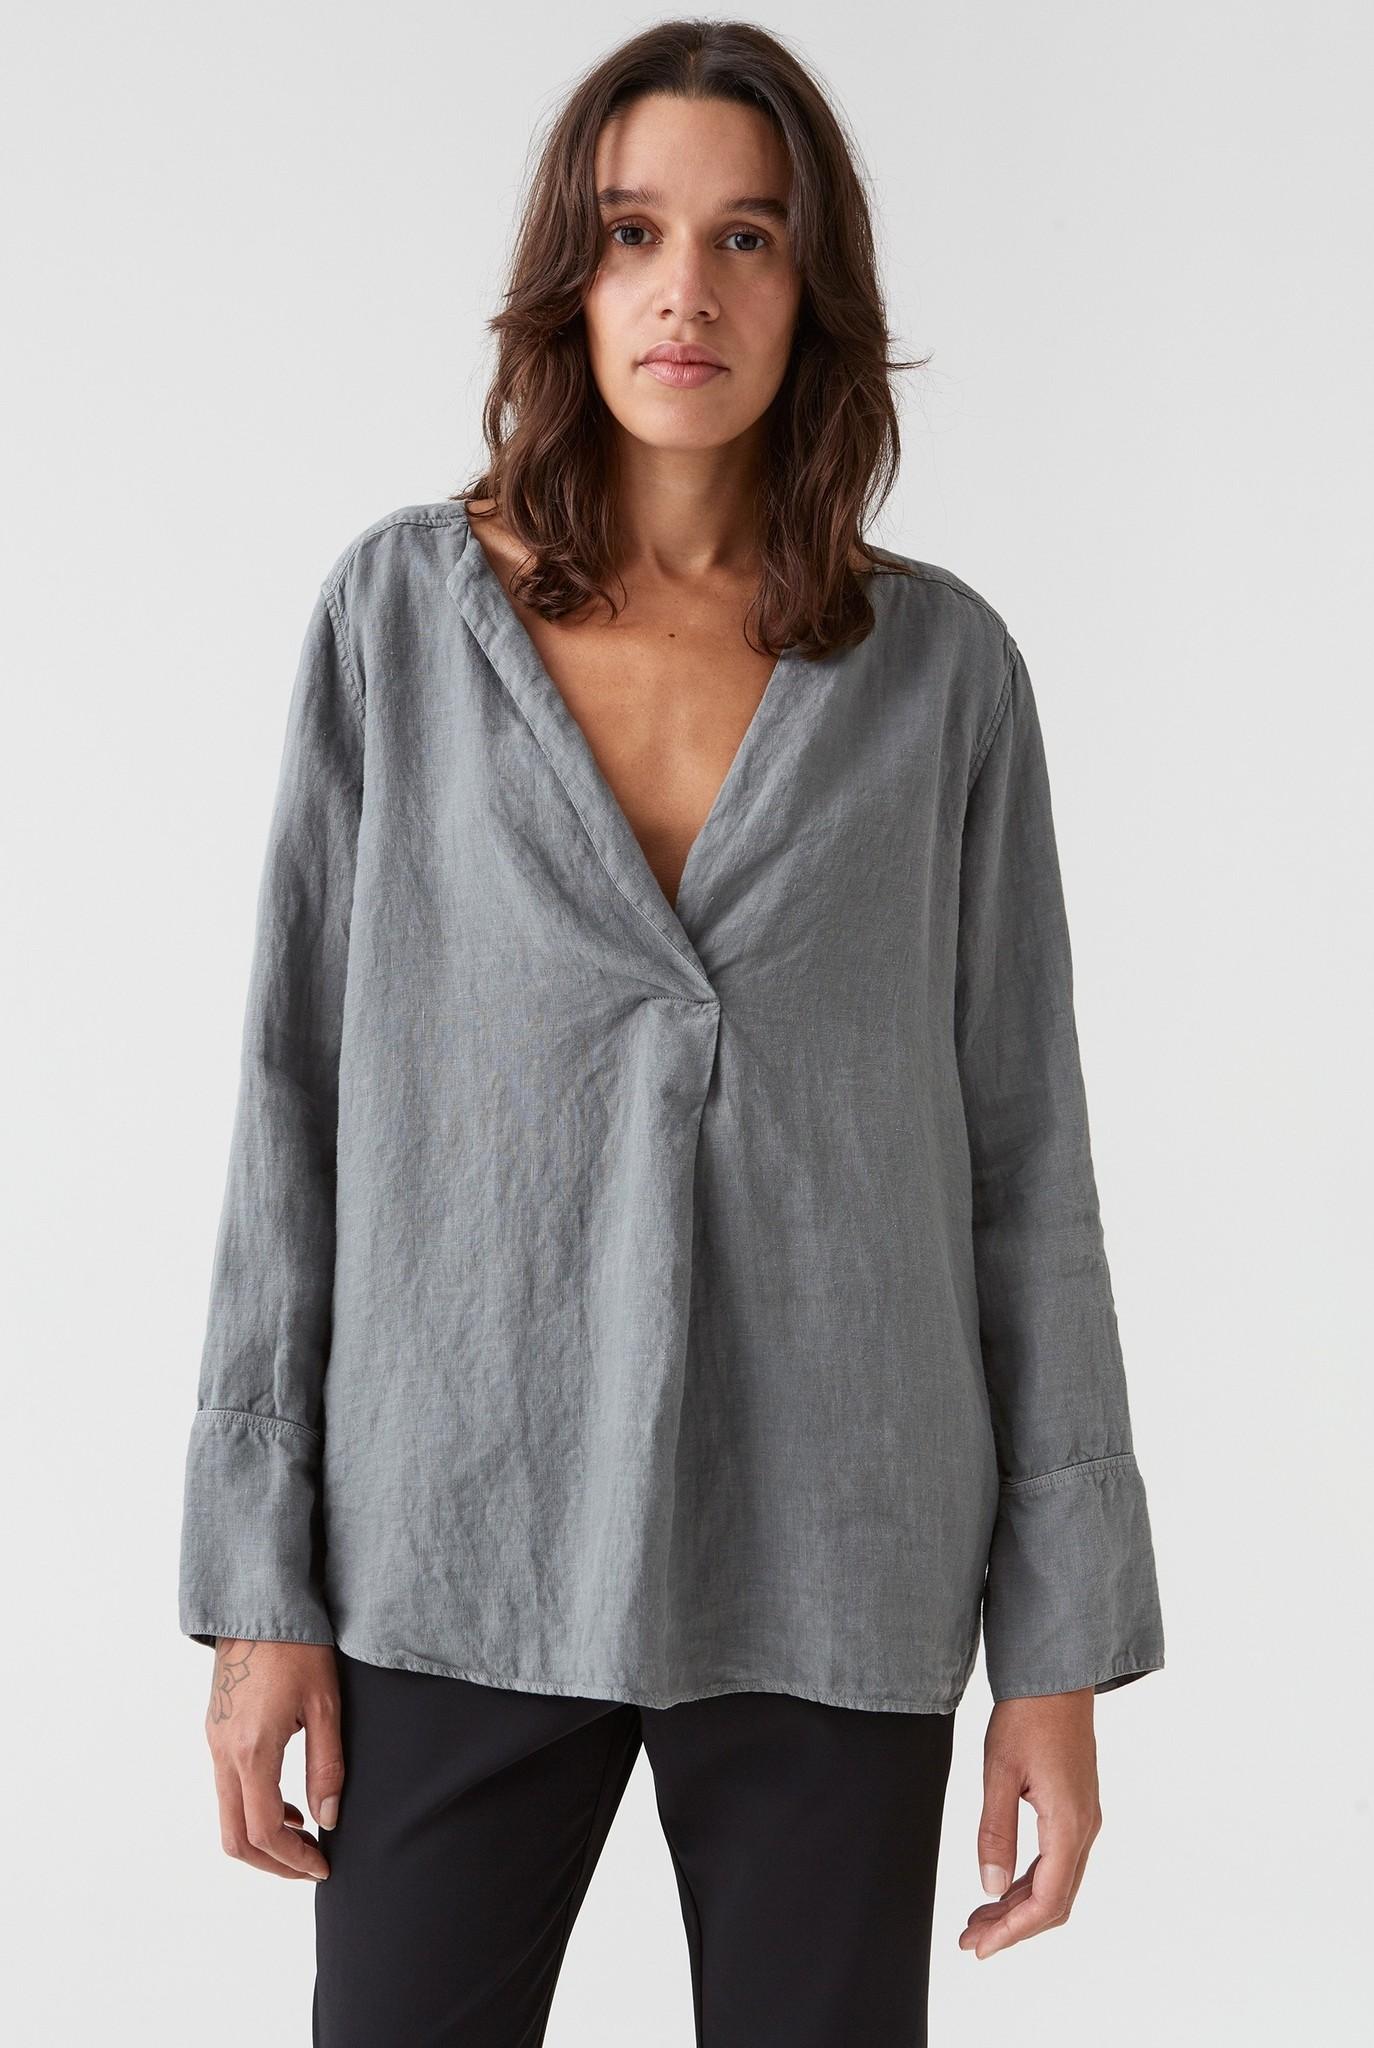 Mono shirt Concrete